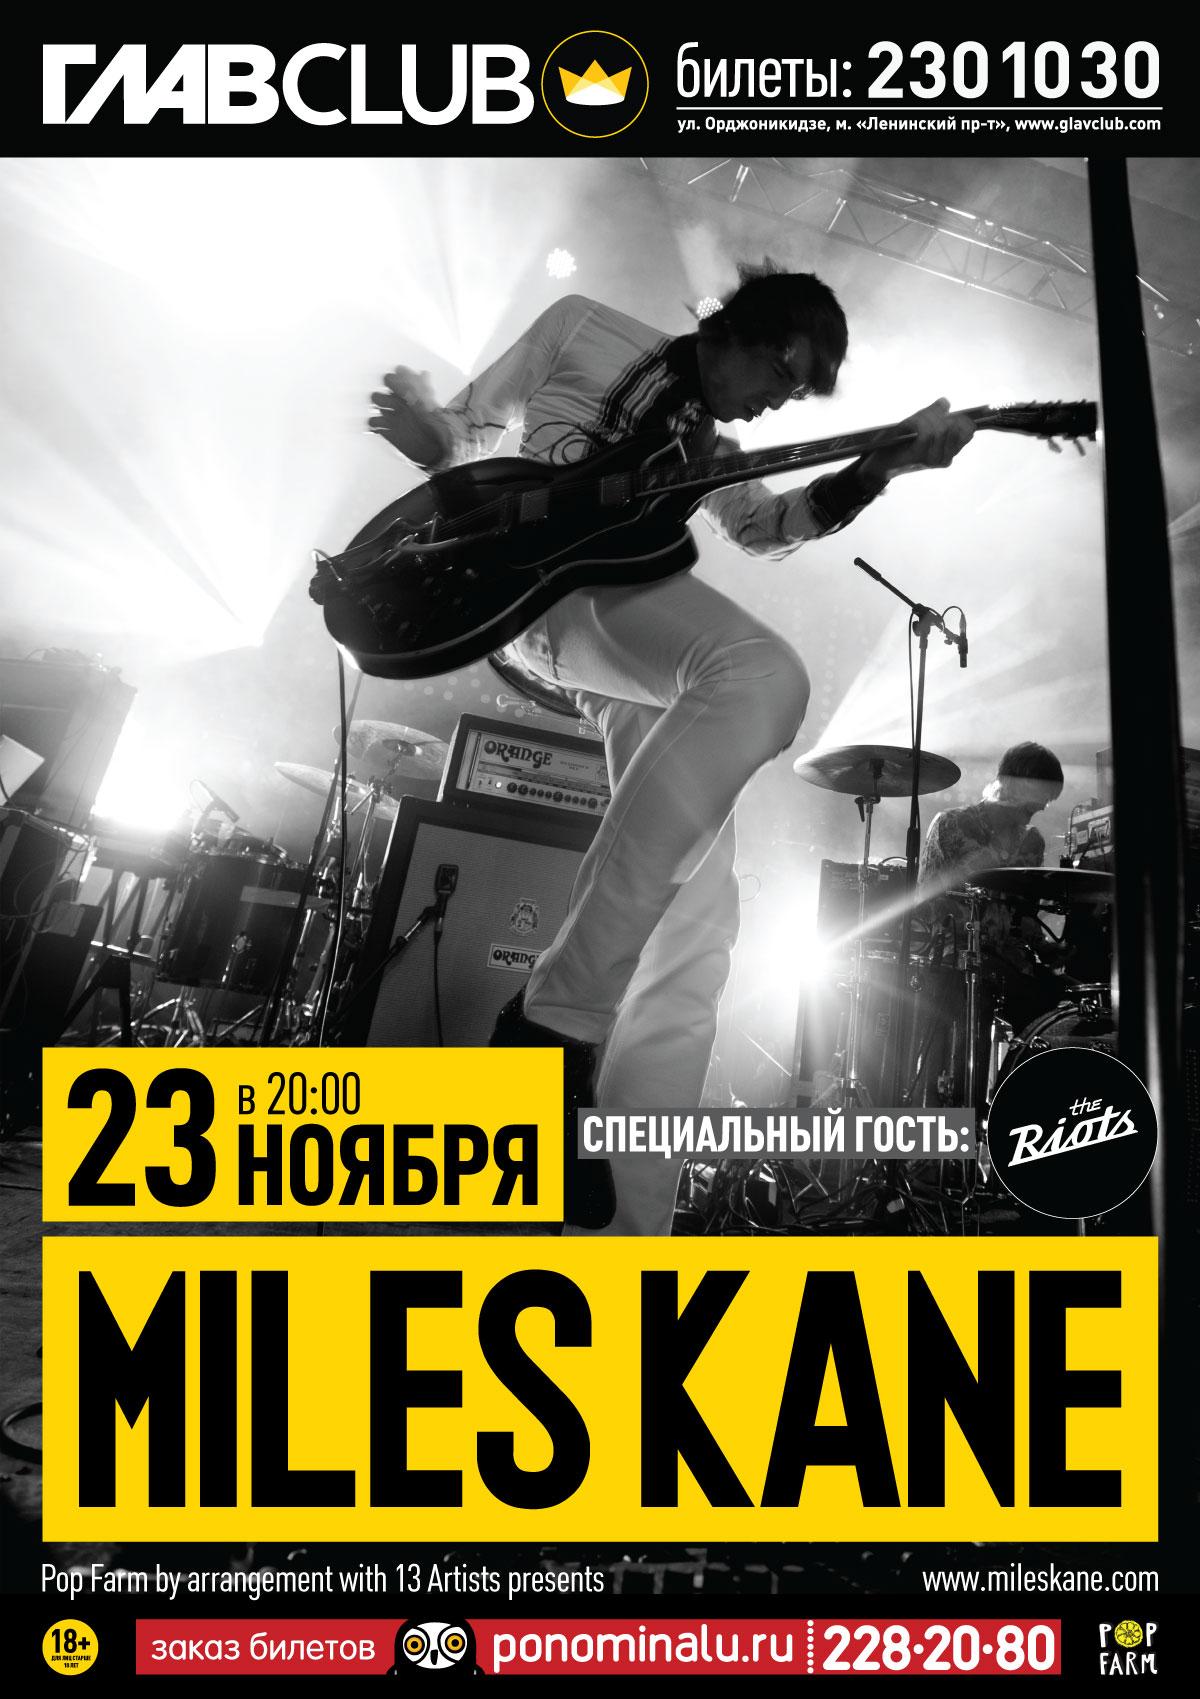 Miles Kane promo